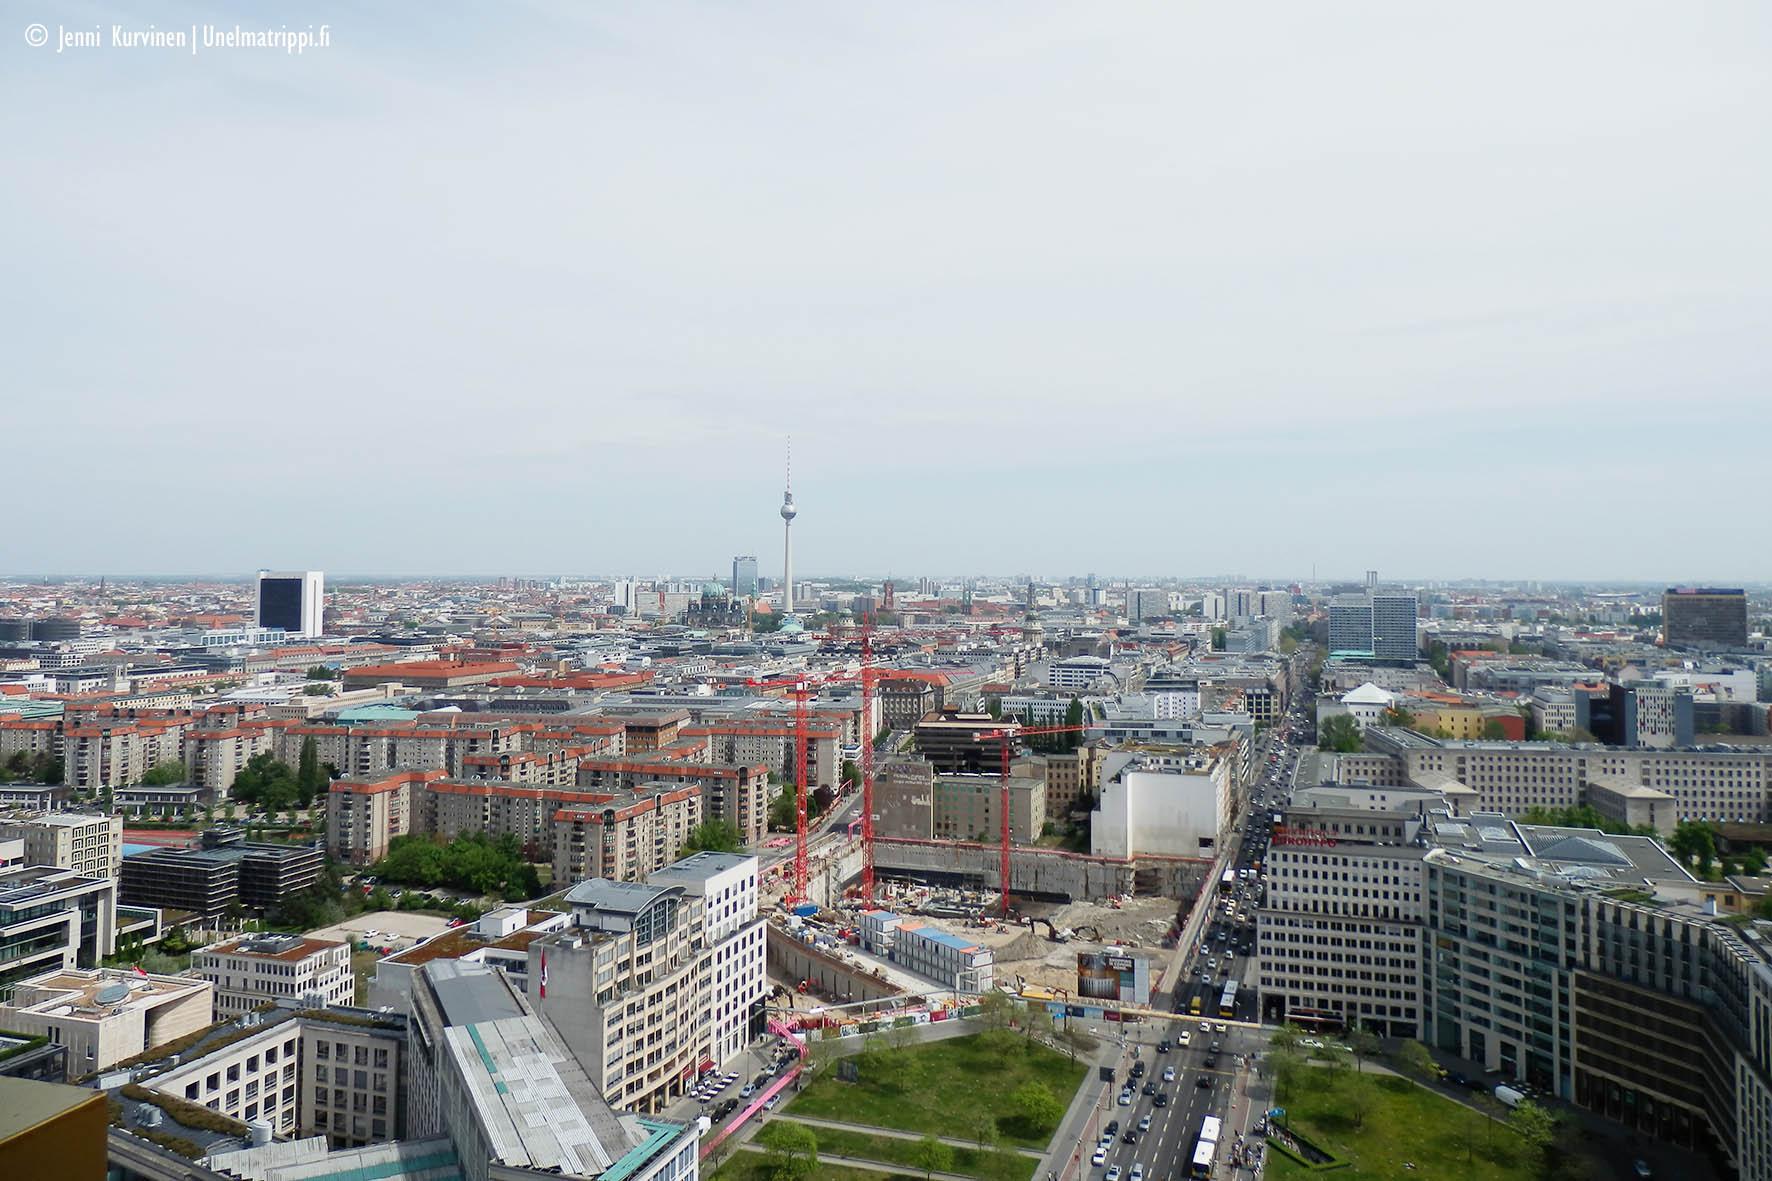 Näkymä Panoramapunkt-näköalapaikalta Potsdamer Platzilla